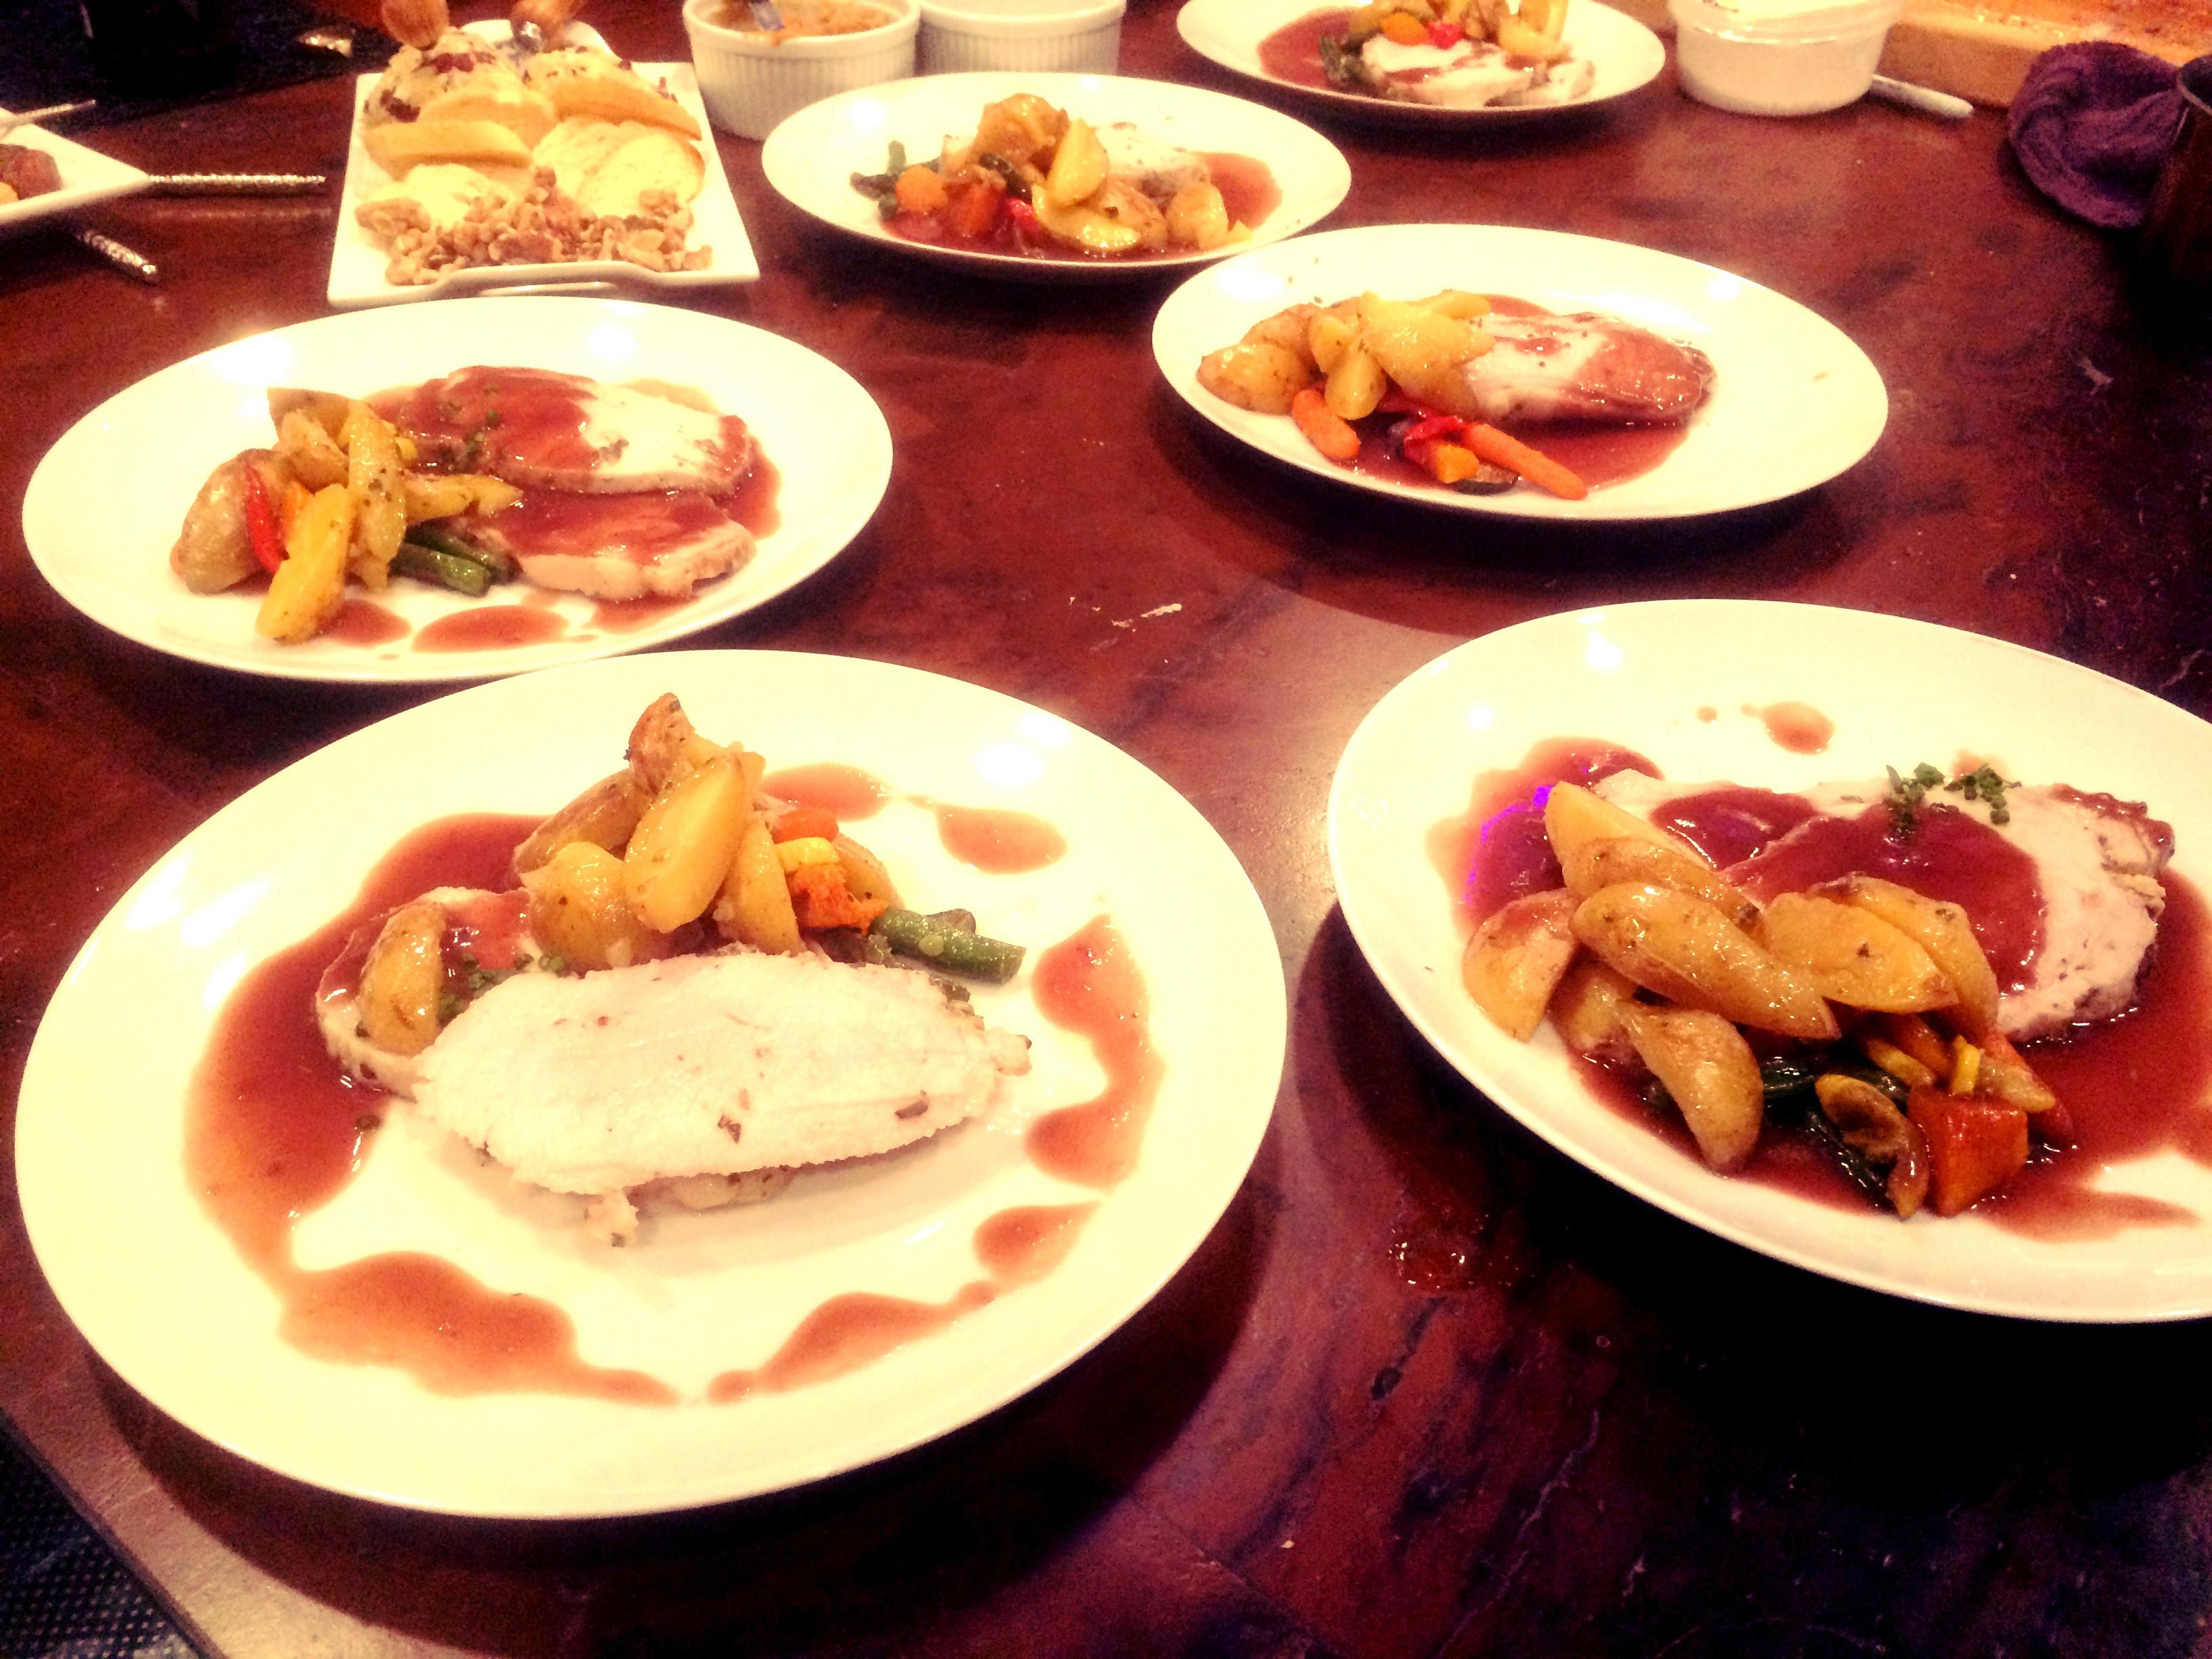 Vons Thanksgiving Dinner 2019  Christmas Dinner Party for 10